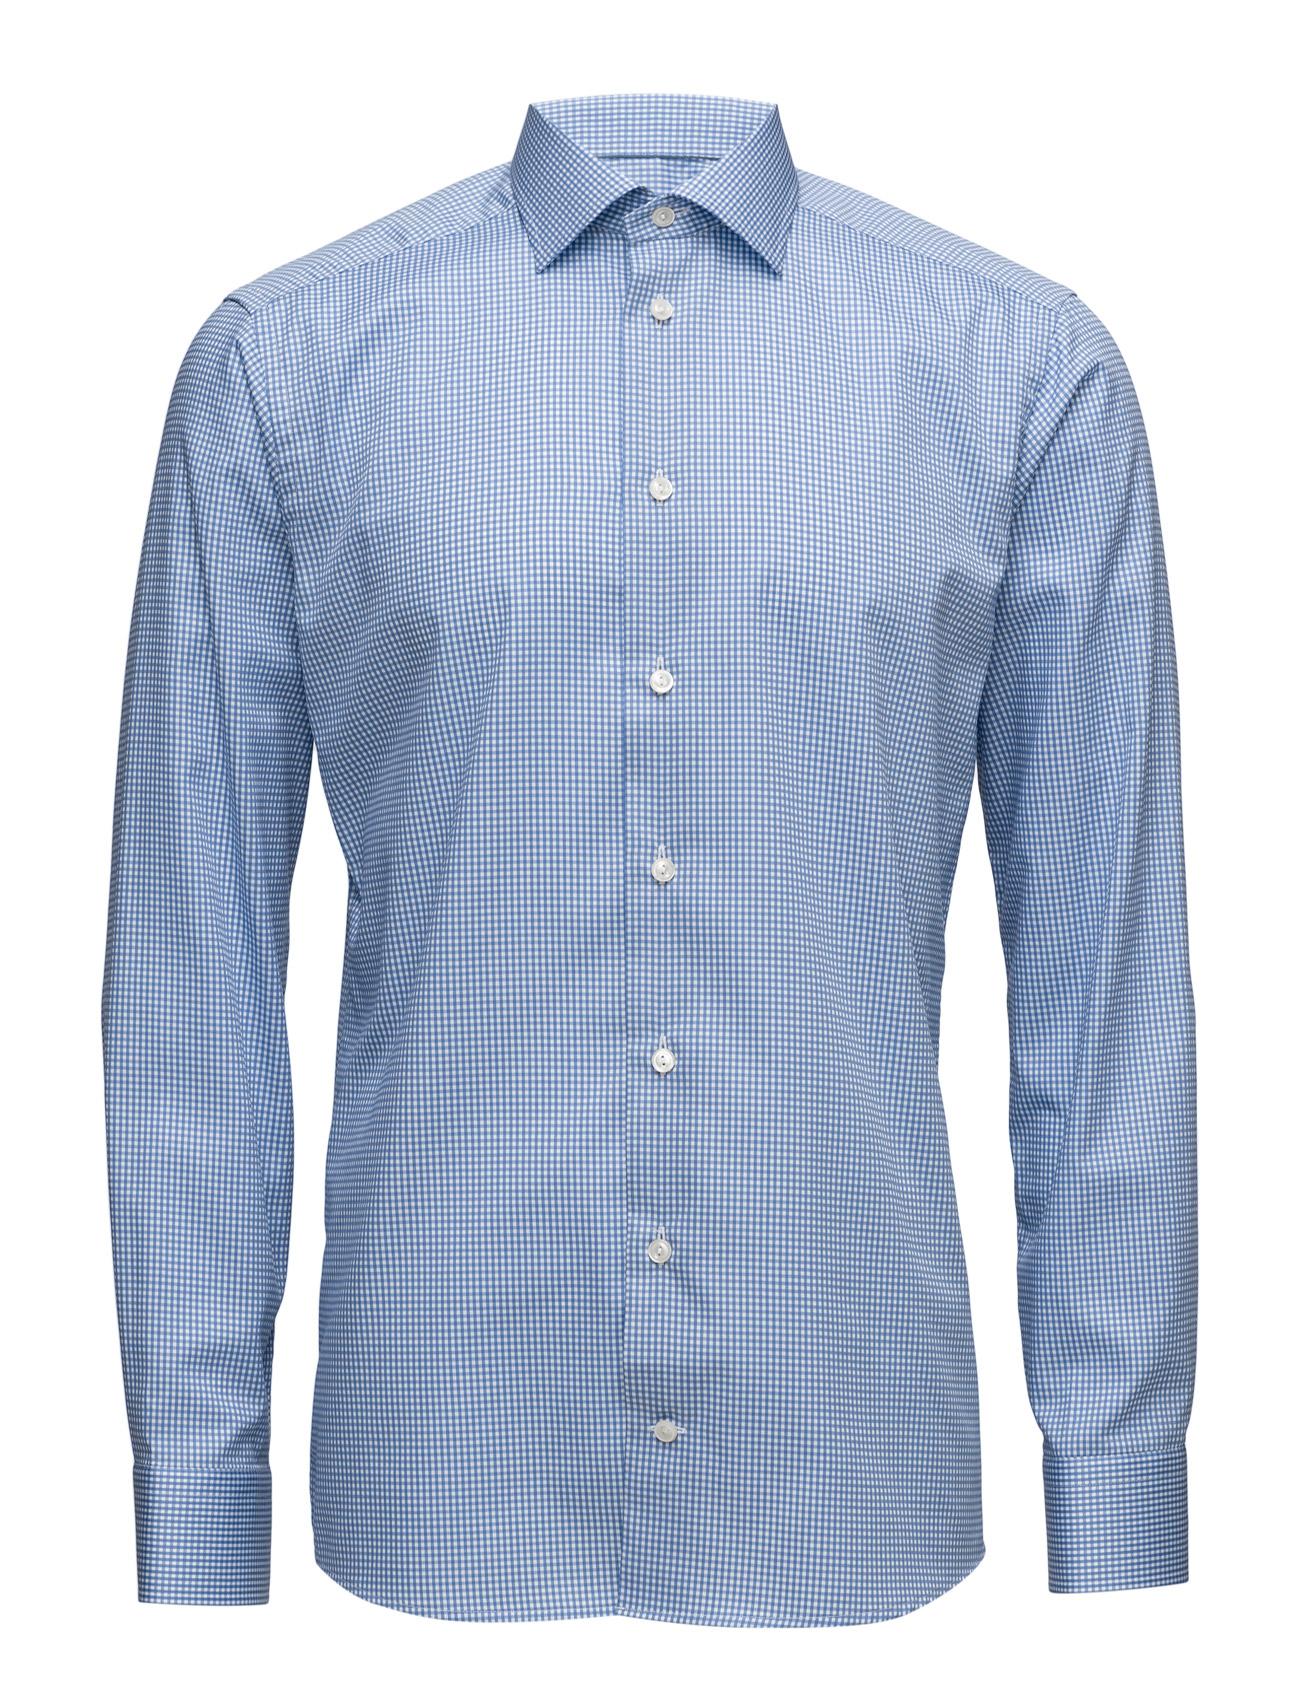 York-Collec Eton Business til Mænd i Blå